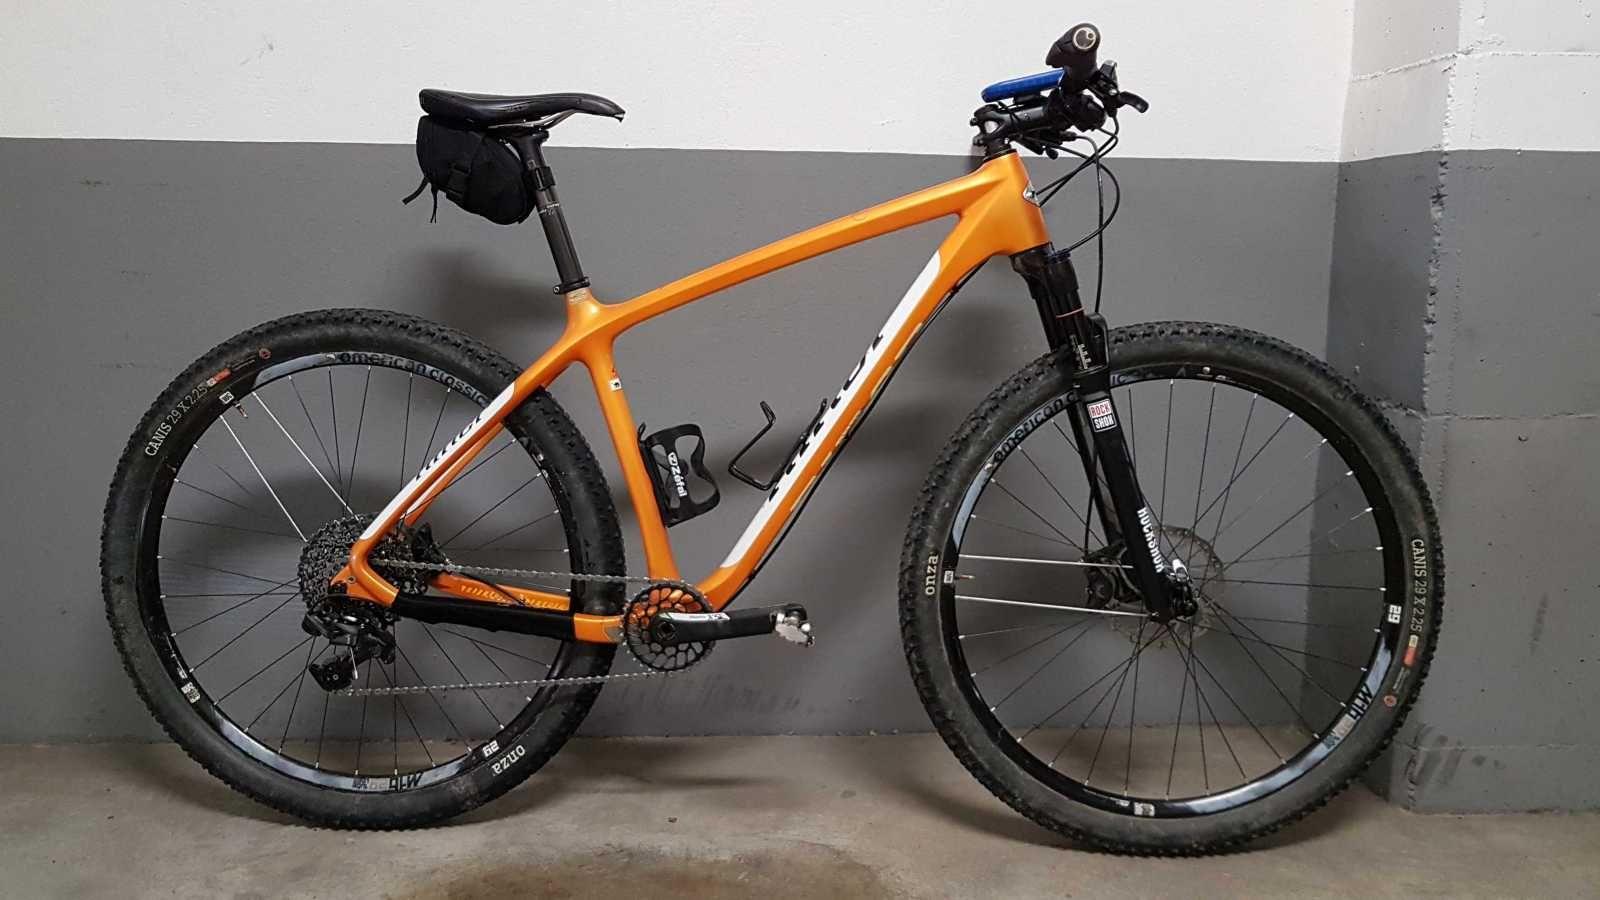 Bicicleta de montaña Niner AIR 9 CARBON. Ref 40001. Talla